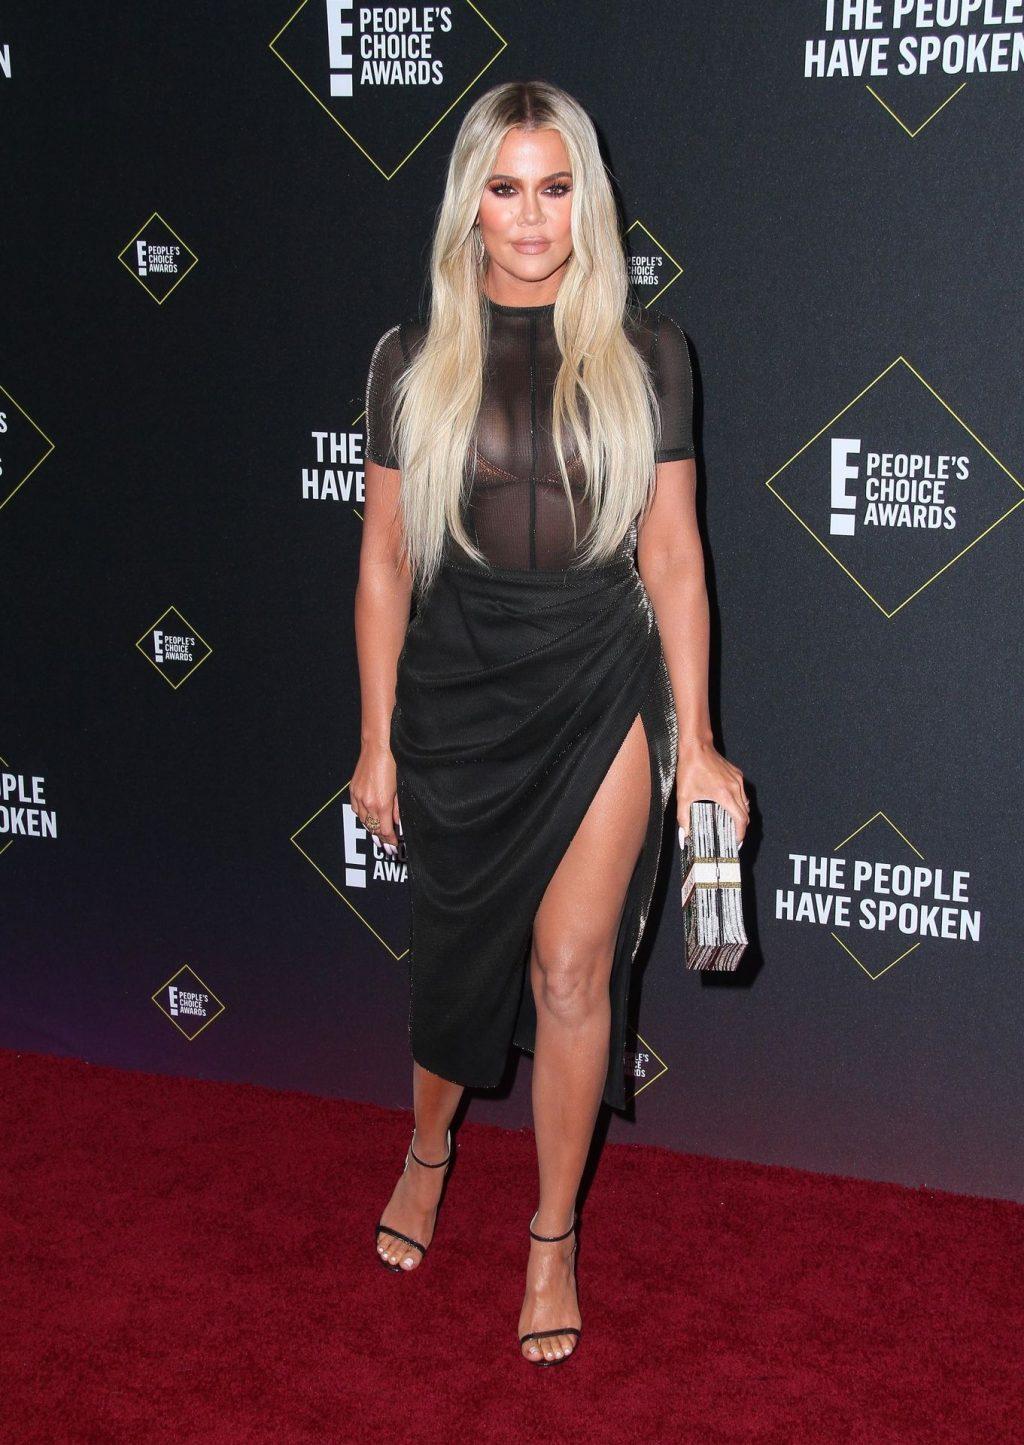 Khloé Kardashian Sexy (34 Photos)